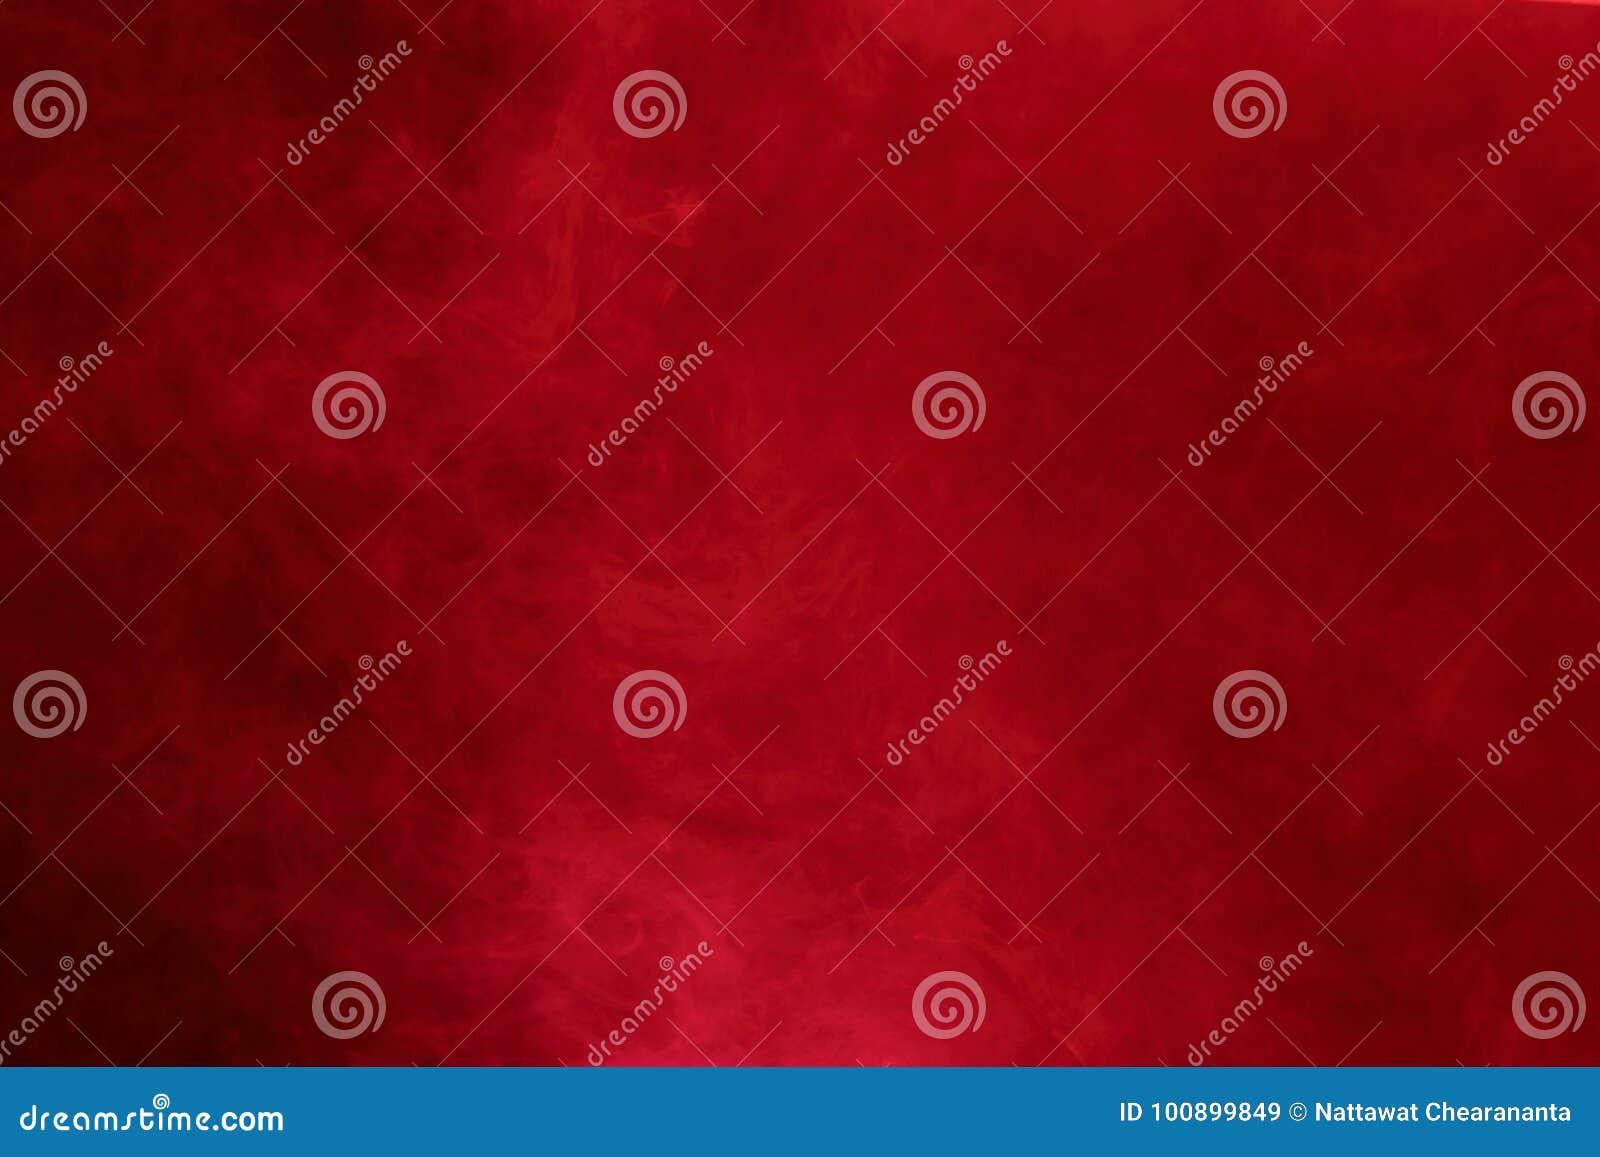 Nubes de humo abstractas rojas, todo el movimiento borroso, intención hacia fuera o